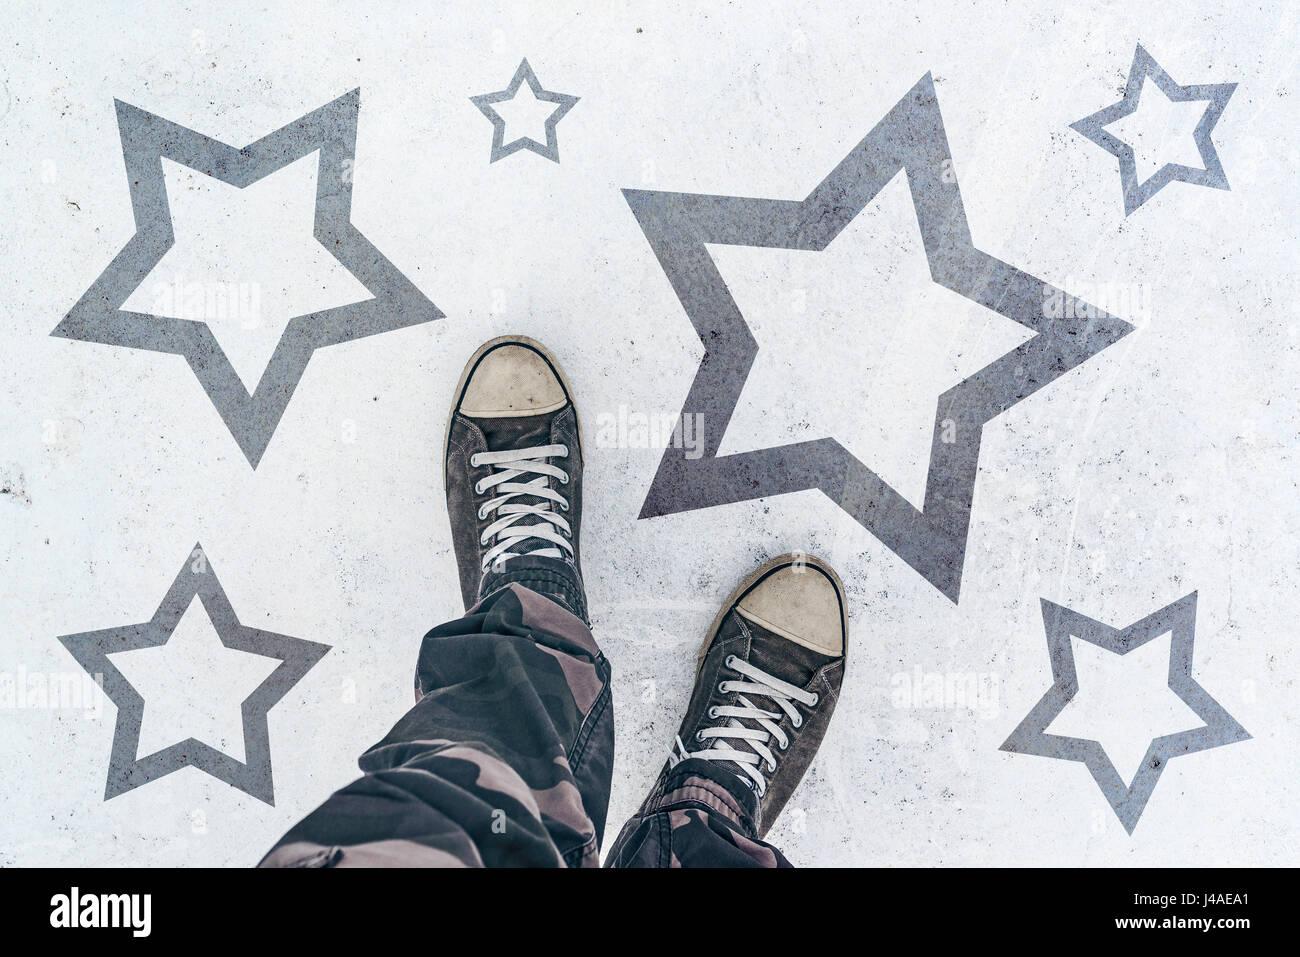 Sneakers en la carretera con forma de estrella imprint - talento, VIP, concepto de premios Imagen De Stock